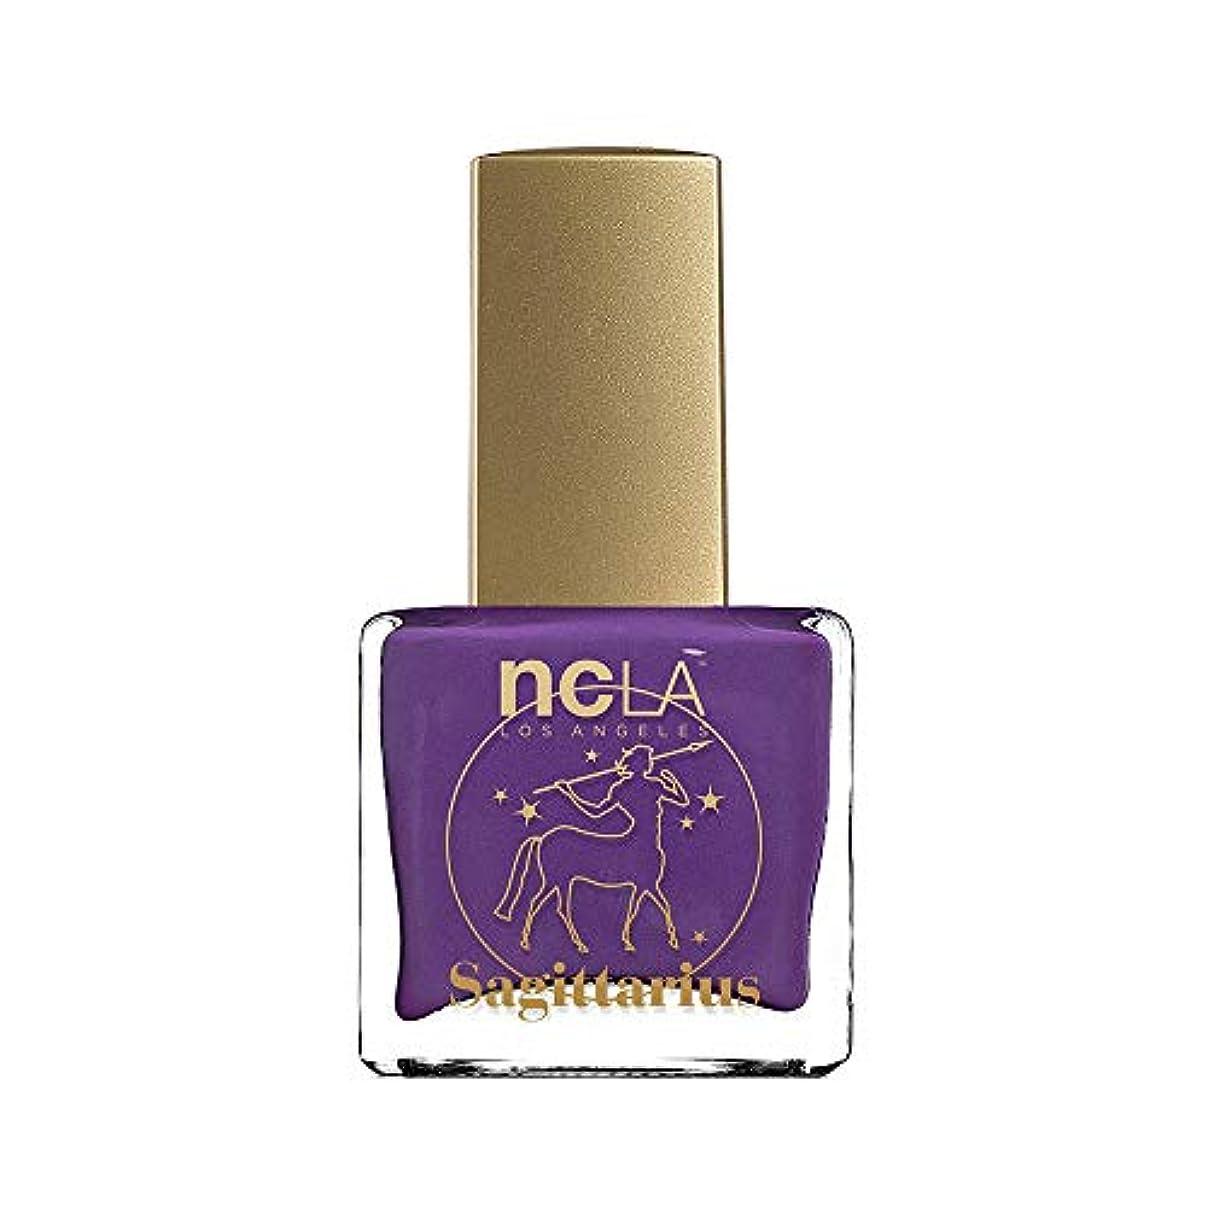 レイアぺディカブはがきNCLA 射手座、1オンス 紫の